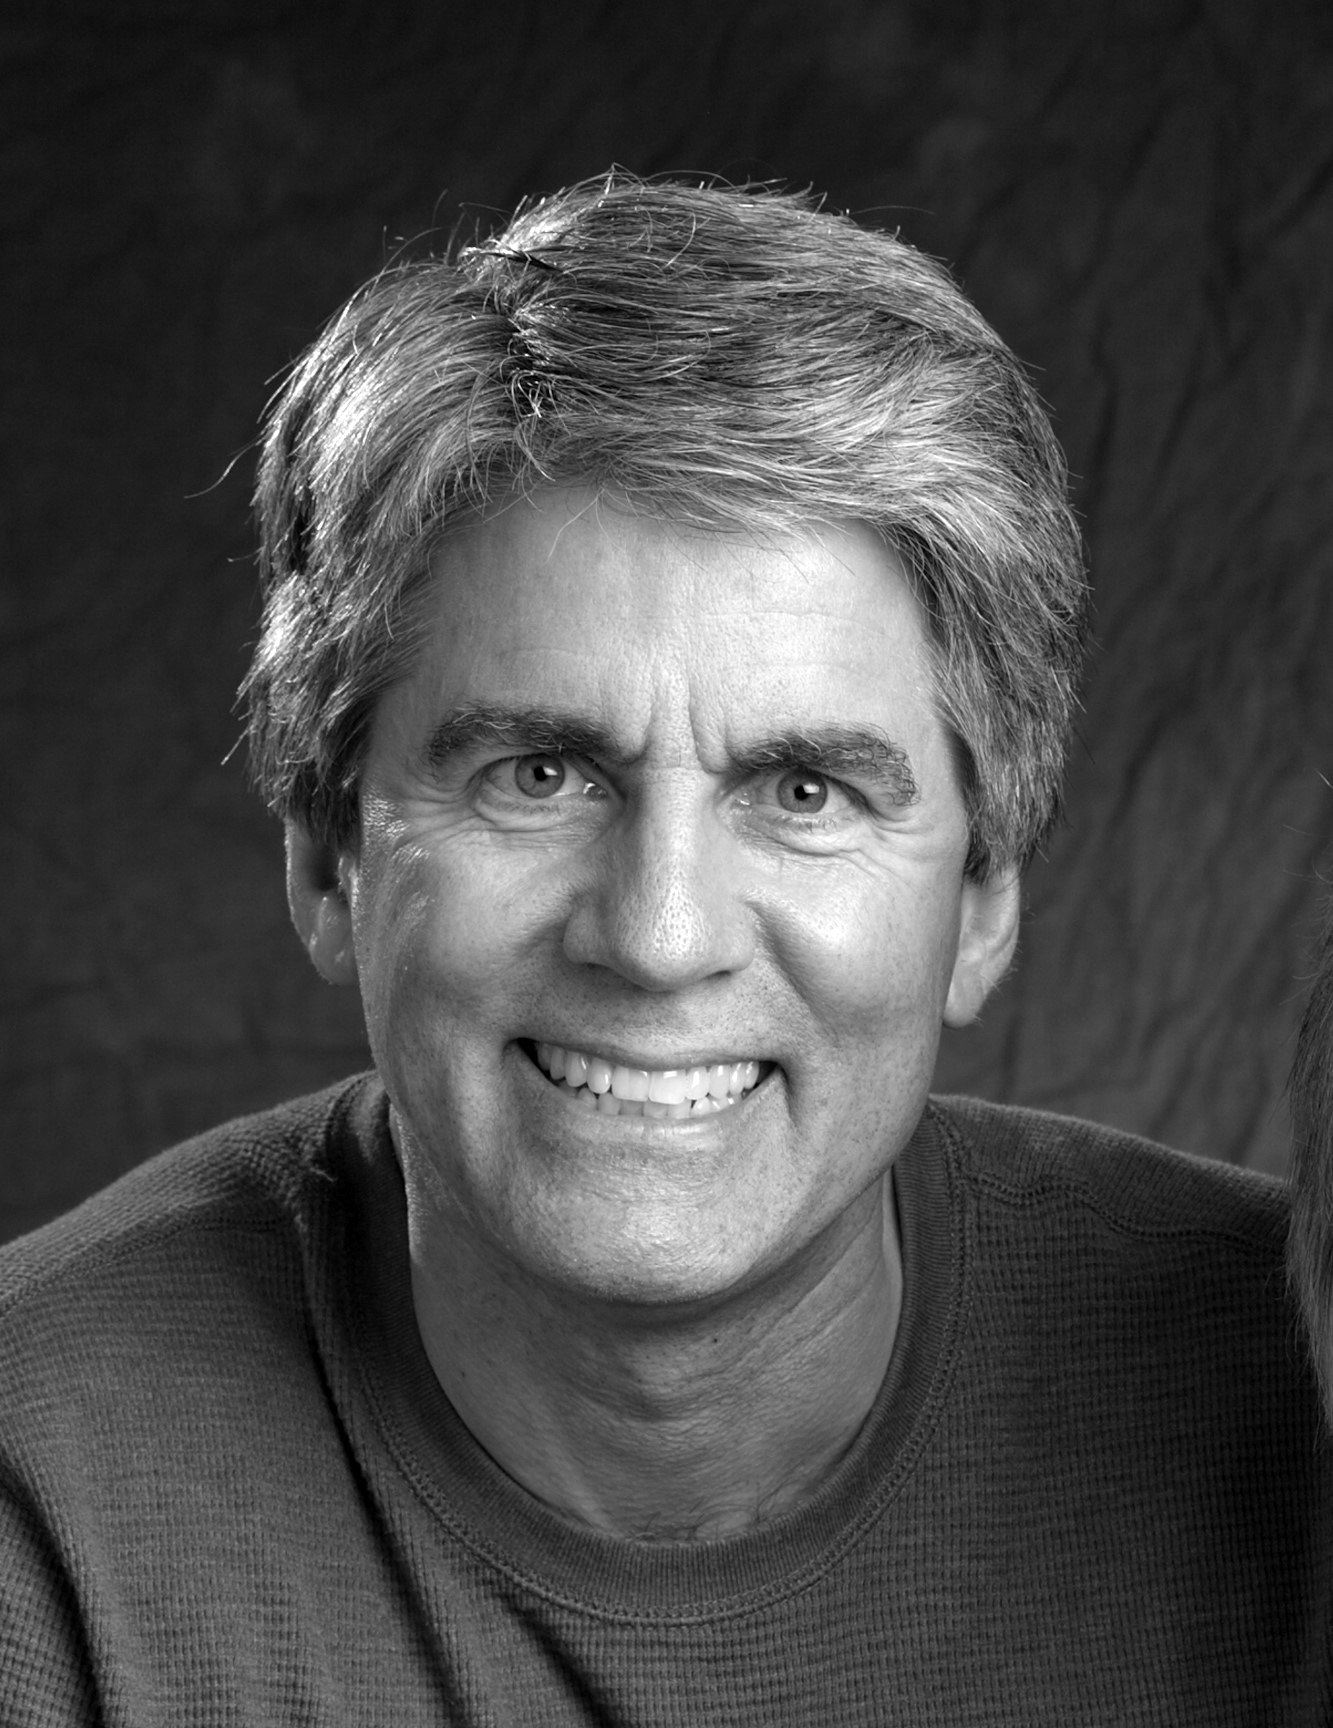 Craig E. Nelson, bass